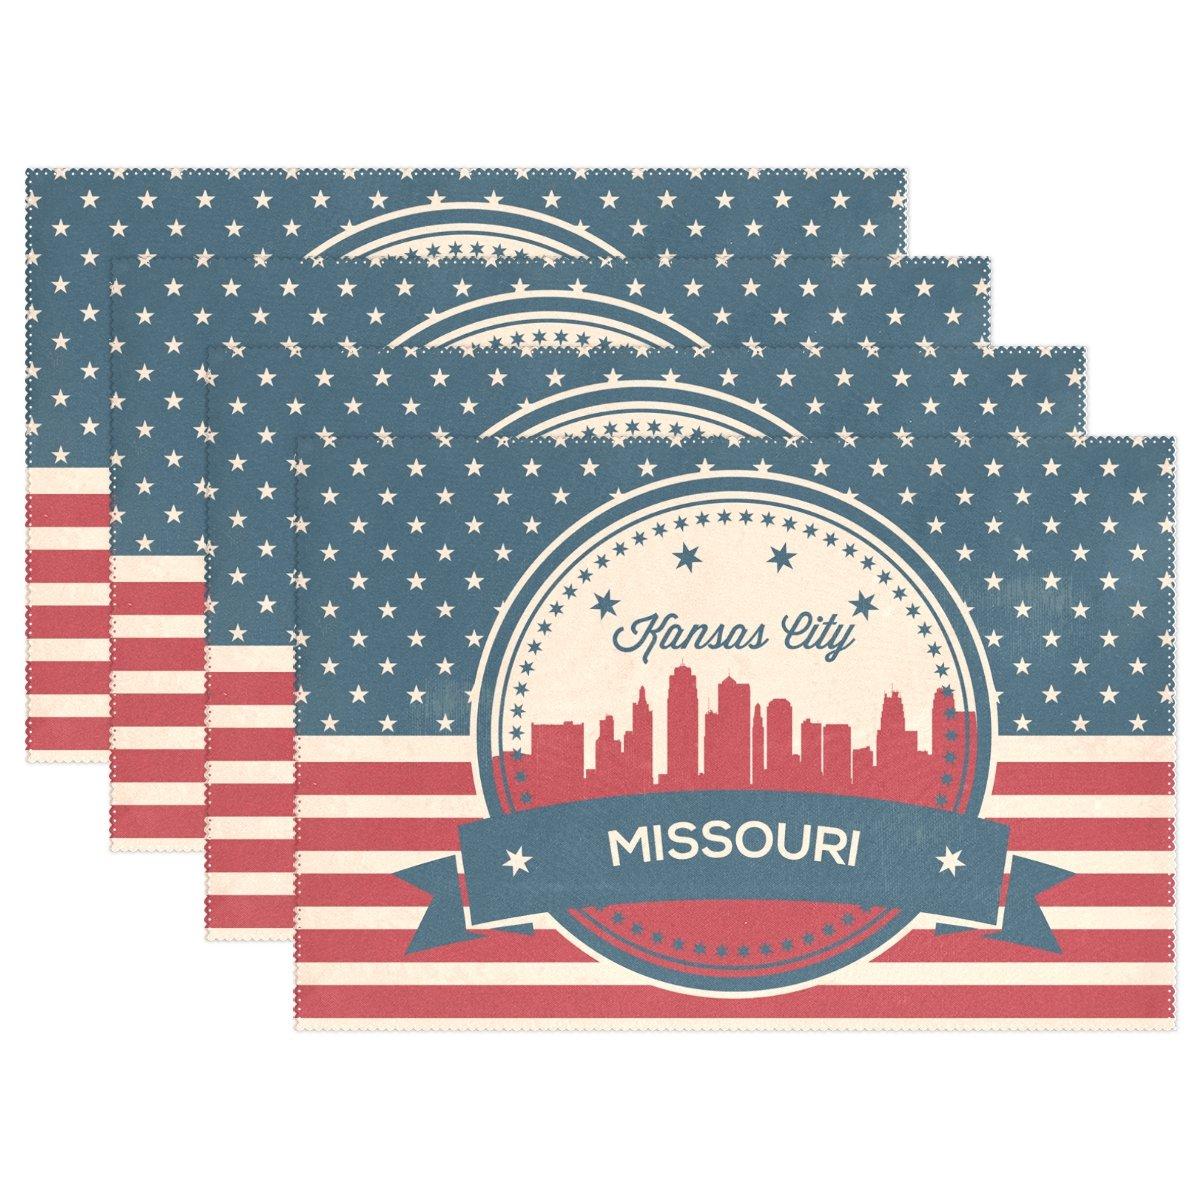 ヴィンテージAmerican Flagミズーリ州カンザス州状態Skylineプレースマットテーブルマット、12